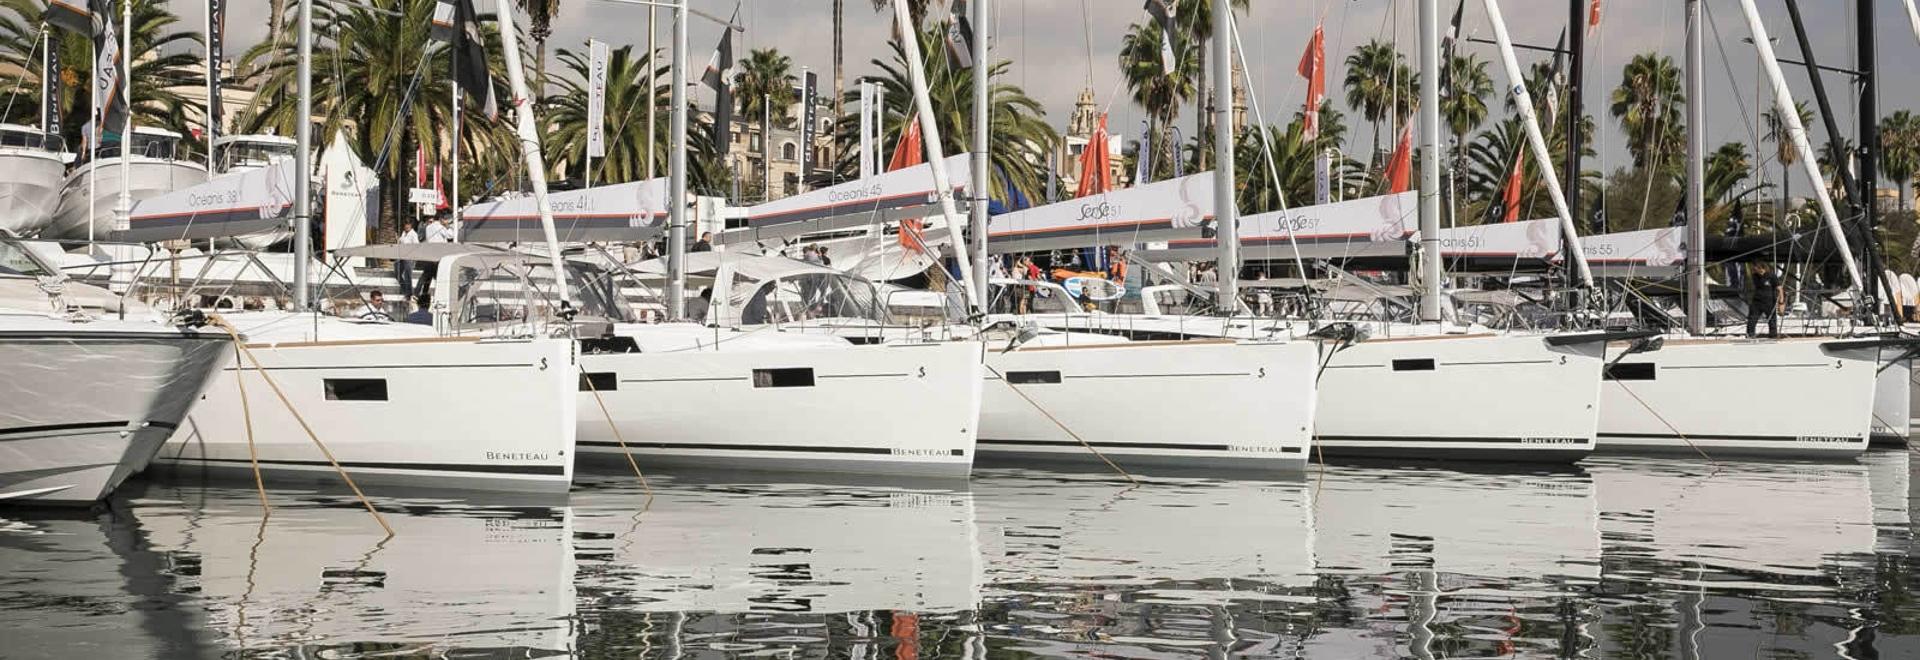 Le salon nautique de Barcelone présente son année plus innovatrice et plus entreprenante